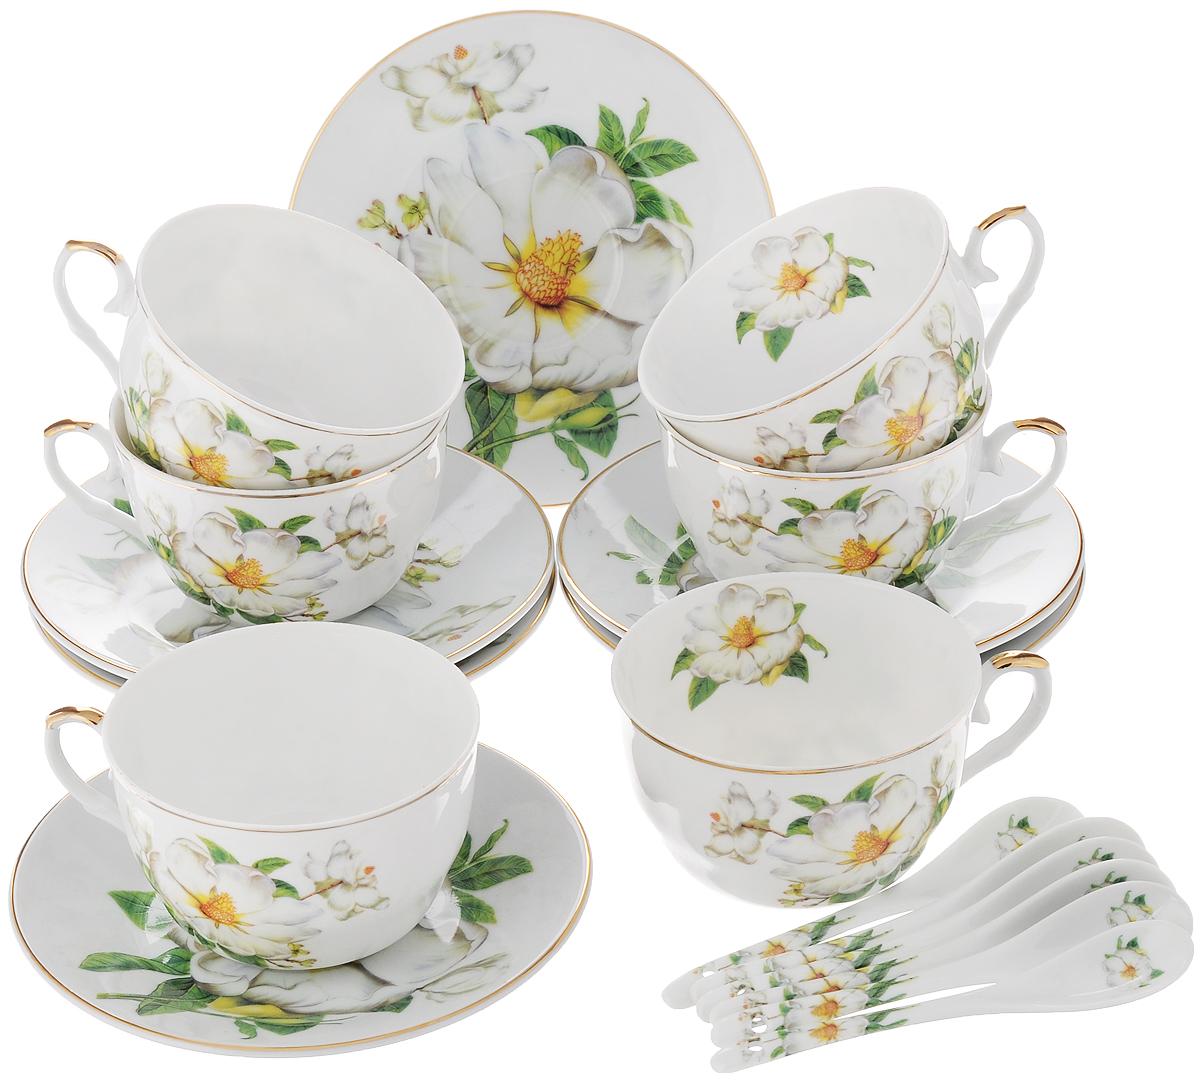 Набор чайный Elan Gallery Белый шиповник, с ложками, 18 предметов180685Чайный набор Elan Gallery Белый шиповник состоит из 6 чашек, 6 блюдец и 6ложек. Изделия, выполненные из высококачественной керамики, имеютэлегантный дизайн и классическую круглую форму. Такой набор прекрасно подойдет как для повседневного использования, так и для праздников.Чайный набор Elan Gallery Белый шиповник - это не только яркий и полезныйподарок для родных и близких, это также великолепное дизайнерское решениедля вашей кухни или столовой.Не использовать в микроволновой печи. Объем чашки: 250 мл.Диаметр чашки (по верхнему краю): 10 см.Высота чашки: 6 см. Диаметр блюдца (по верхнему краю): 15 см. Высота блюдца: 2 см. Длина ложки: 12,5 см.